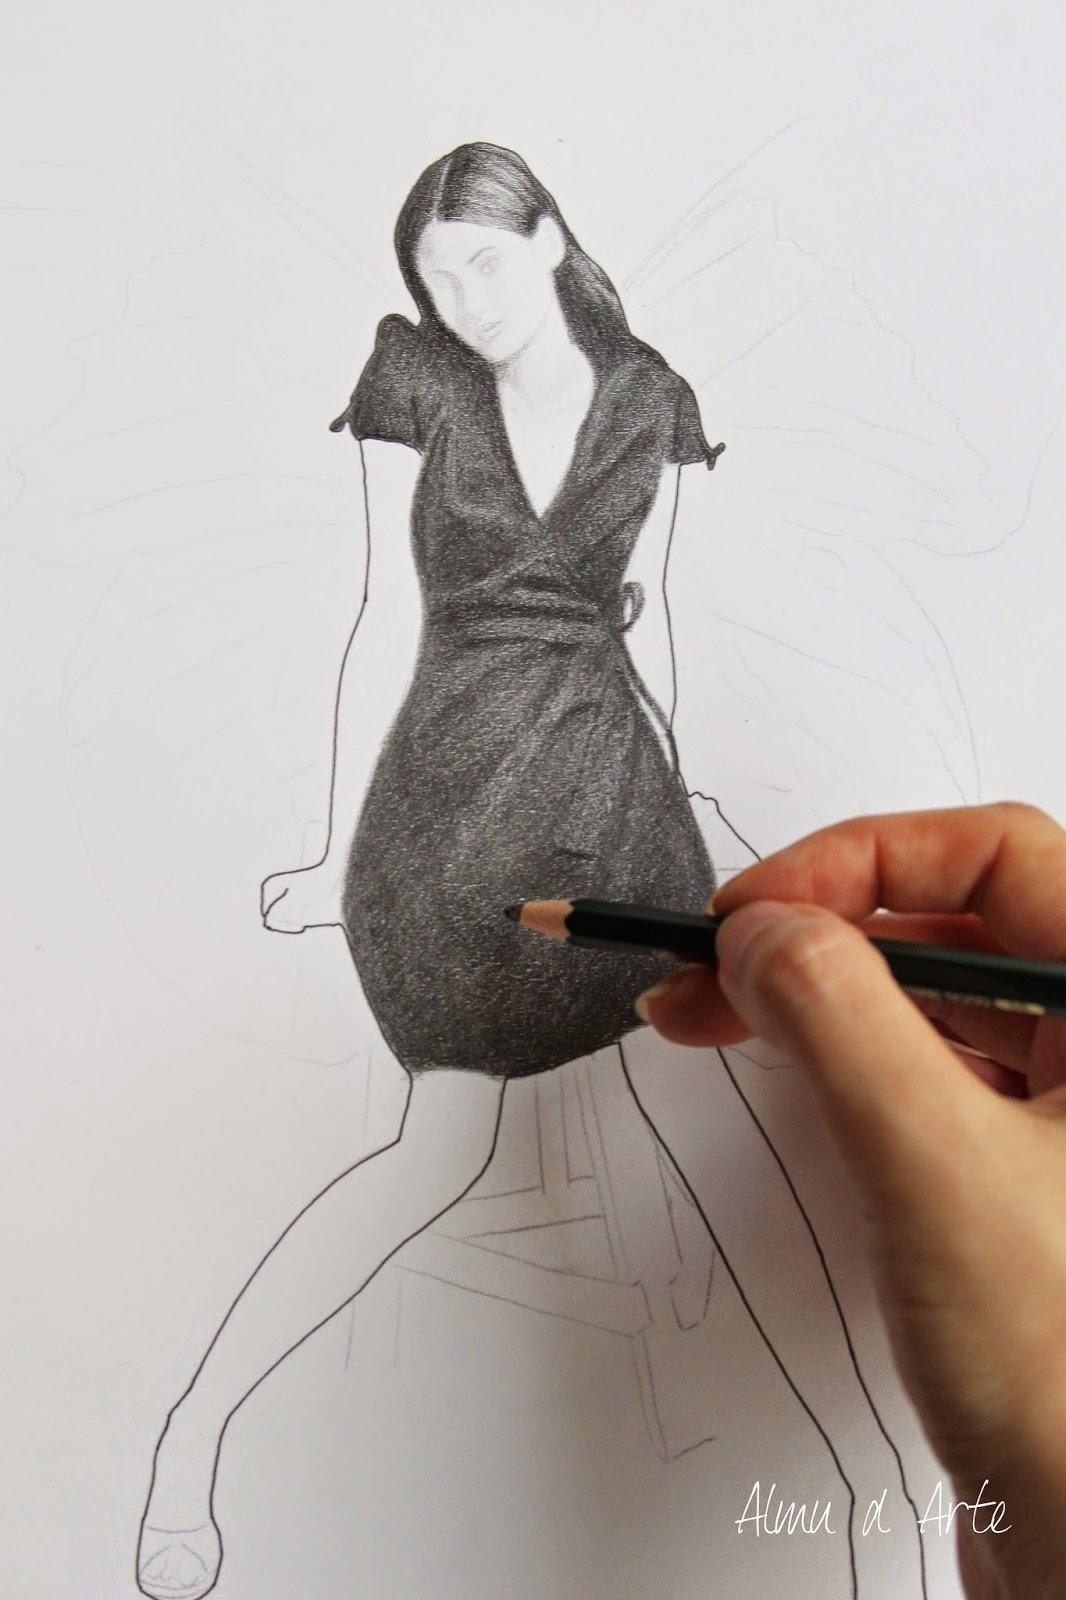 Dibujo a lápiz de grafito